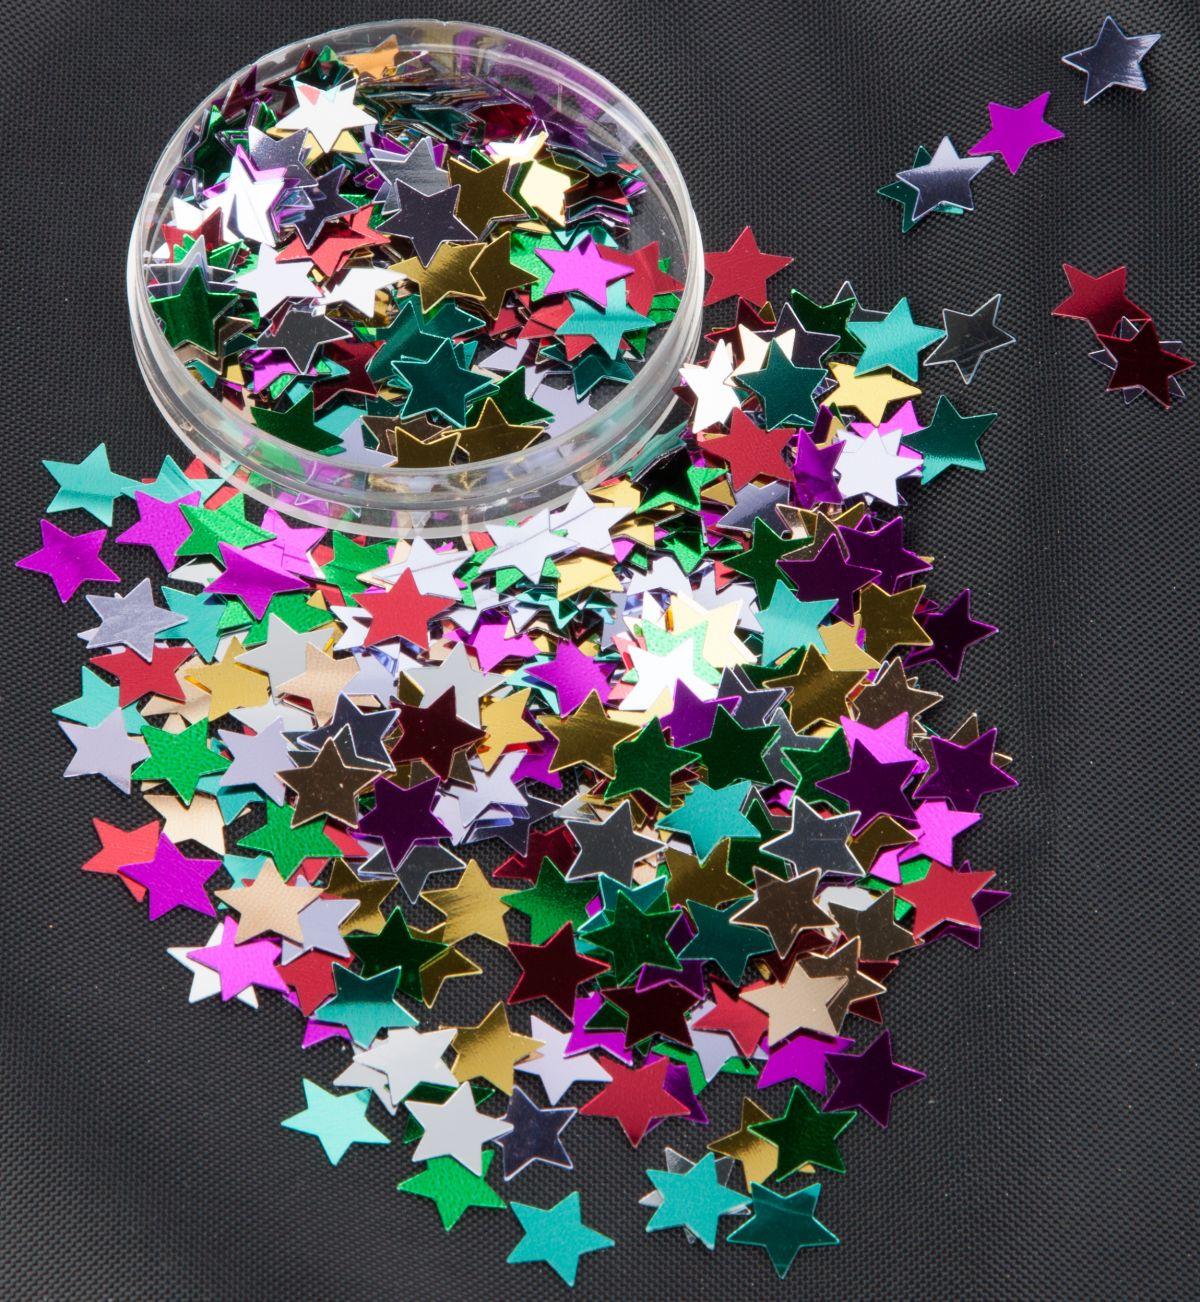 streudeko konfetti weihnachten g nstig online kaufen. Black Bedroom Furniture Sets. Home Design Ideas